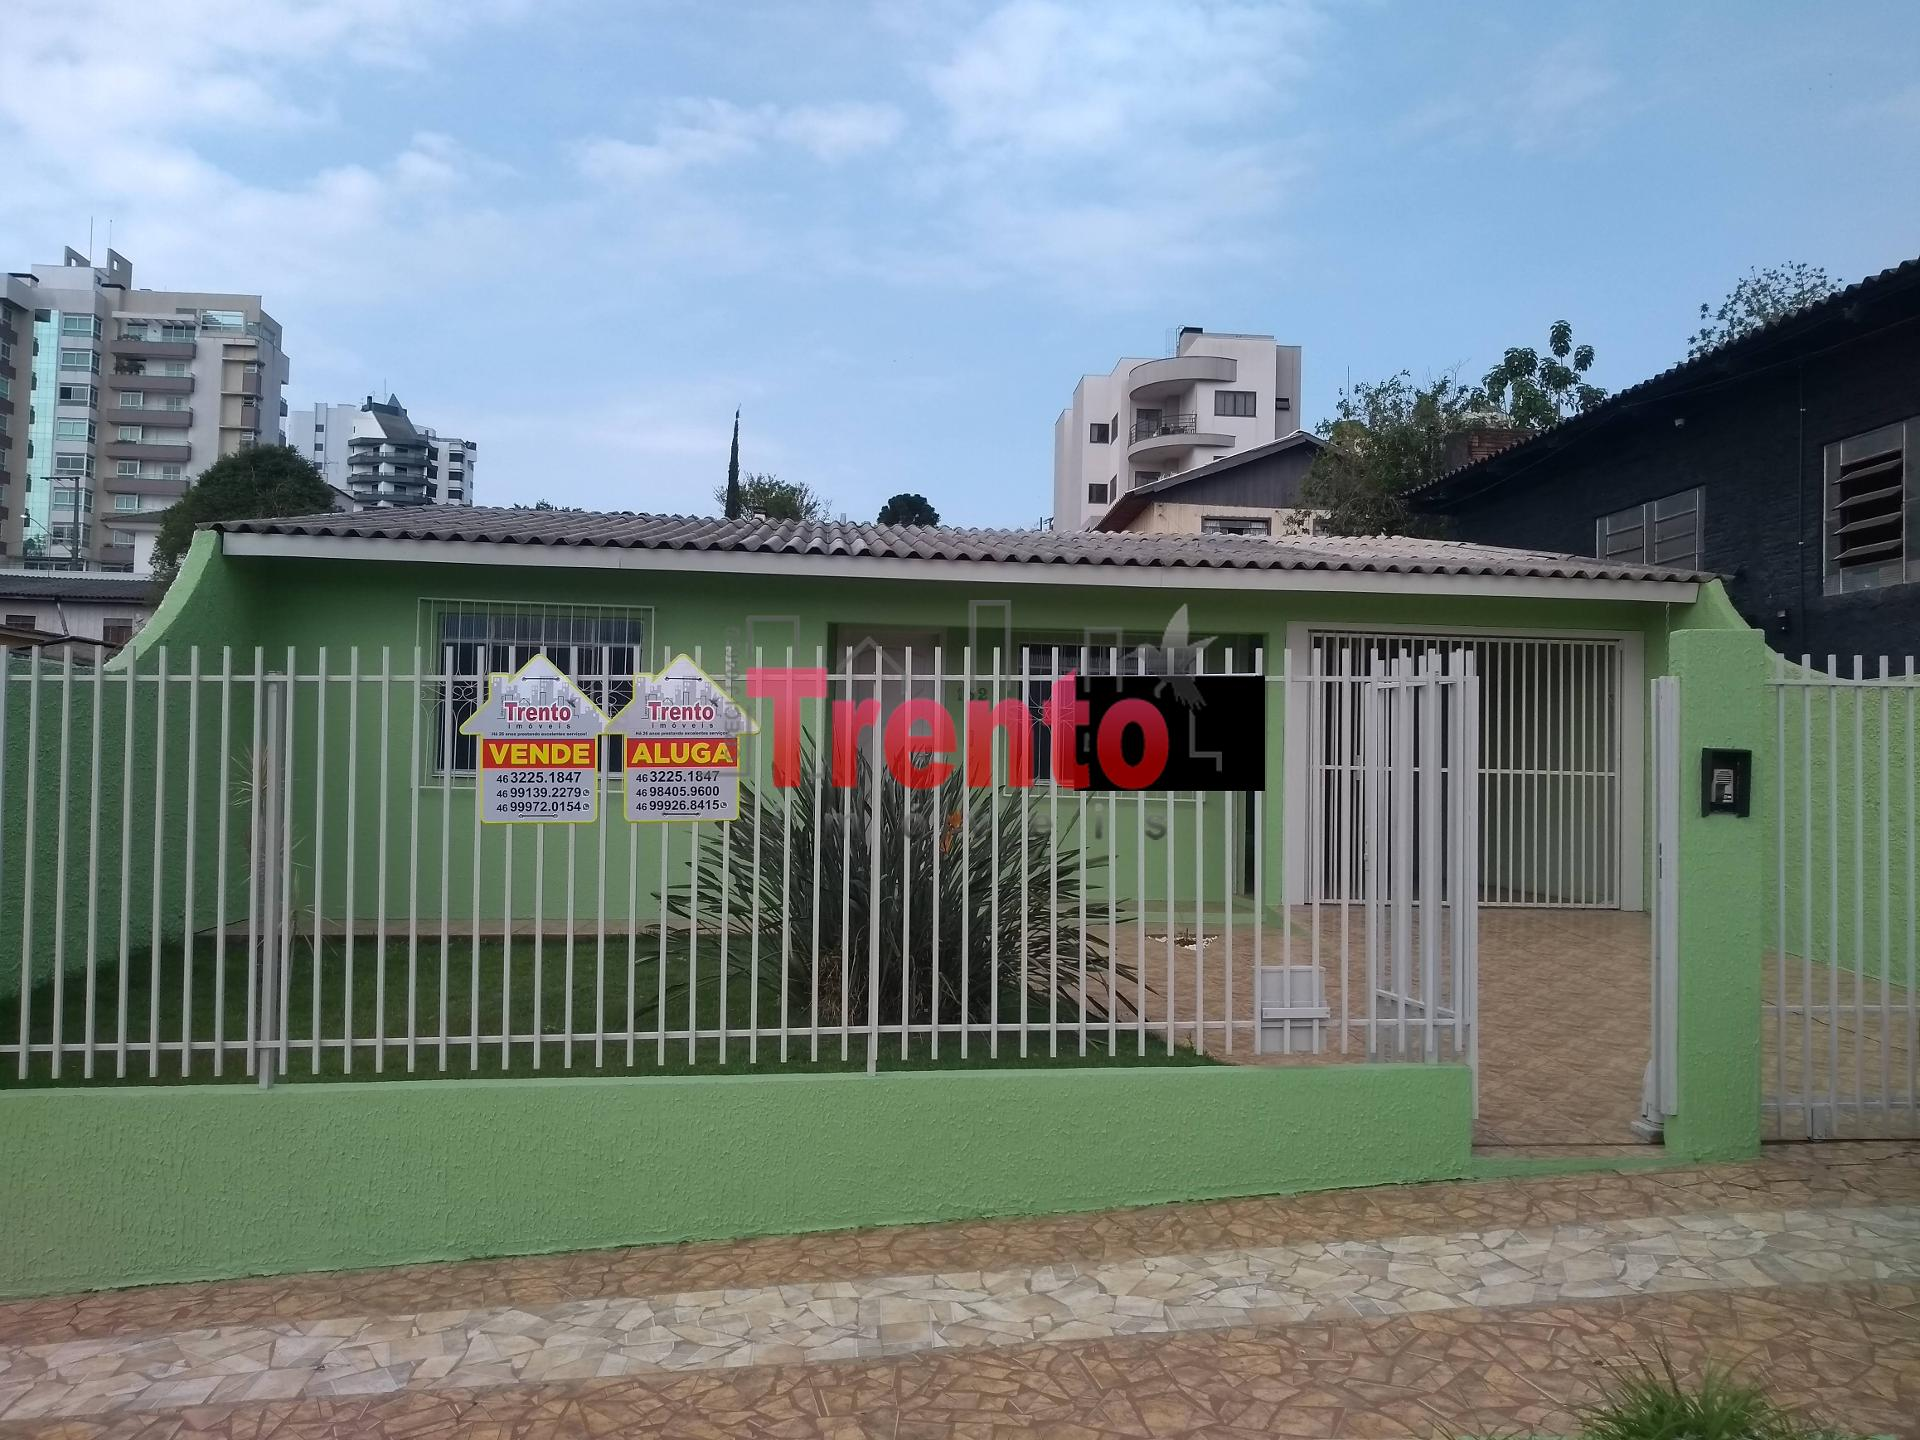 CASA FUNDOS SEMI MOBILIADA BAIRRO CENTRO - PATO BRANCO/PR